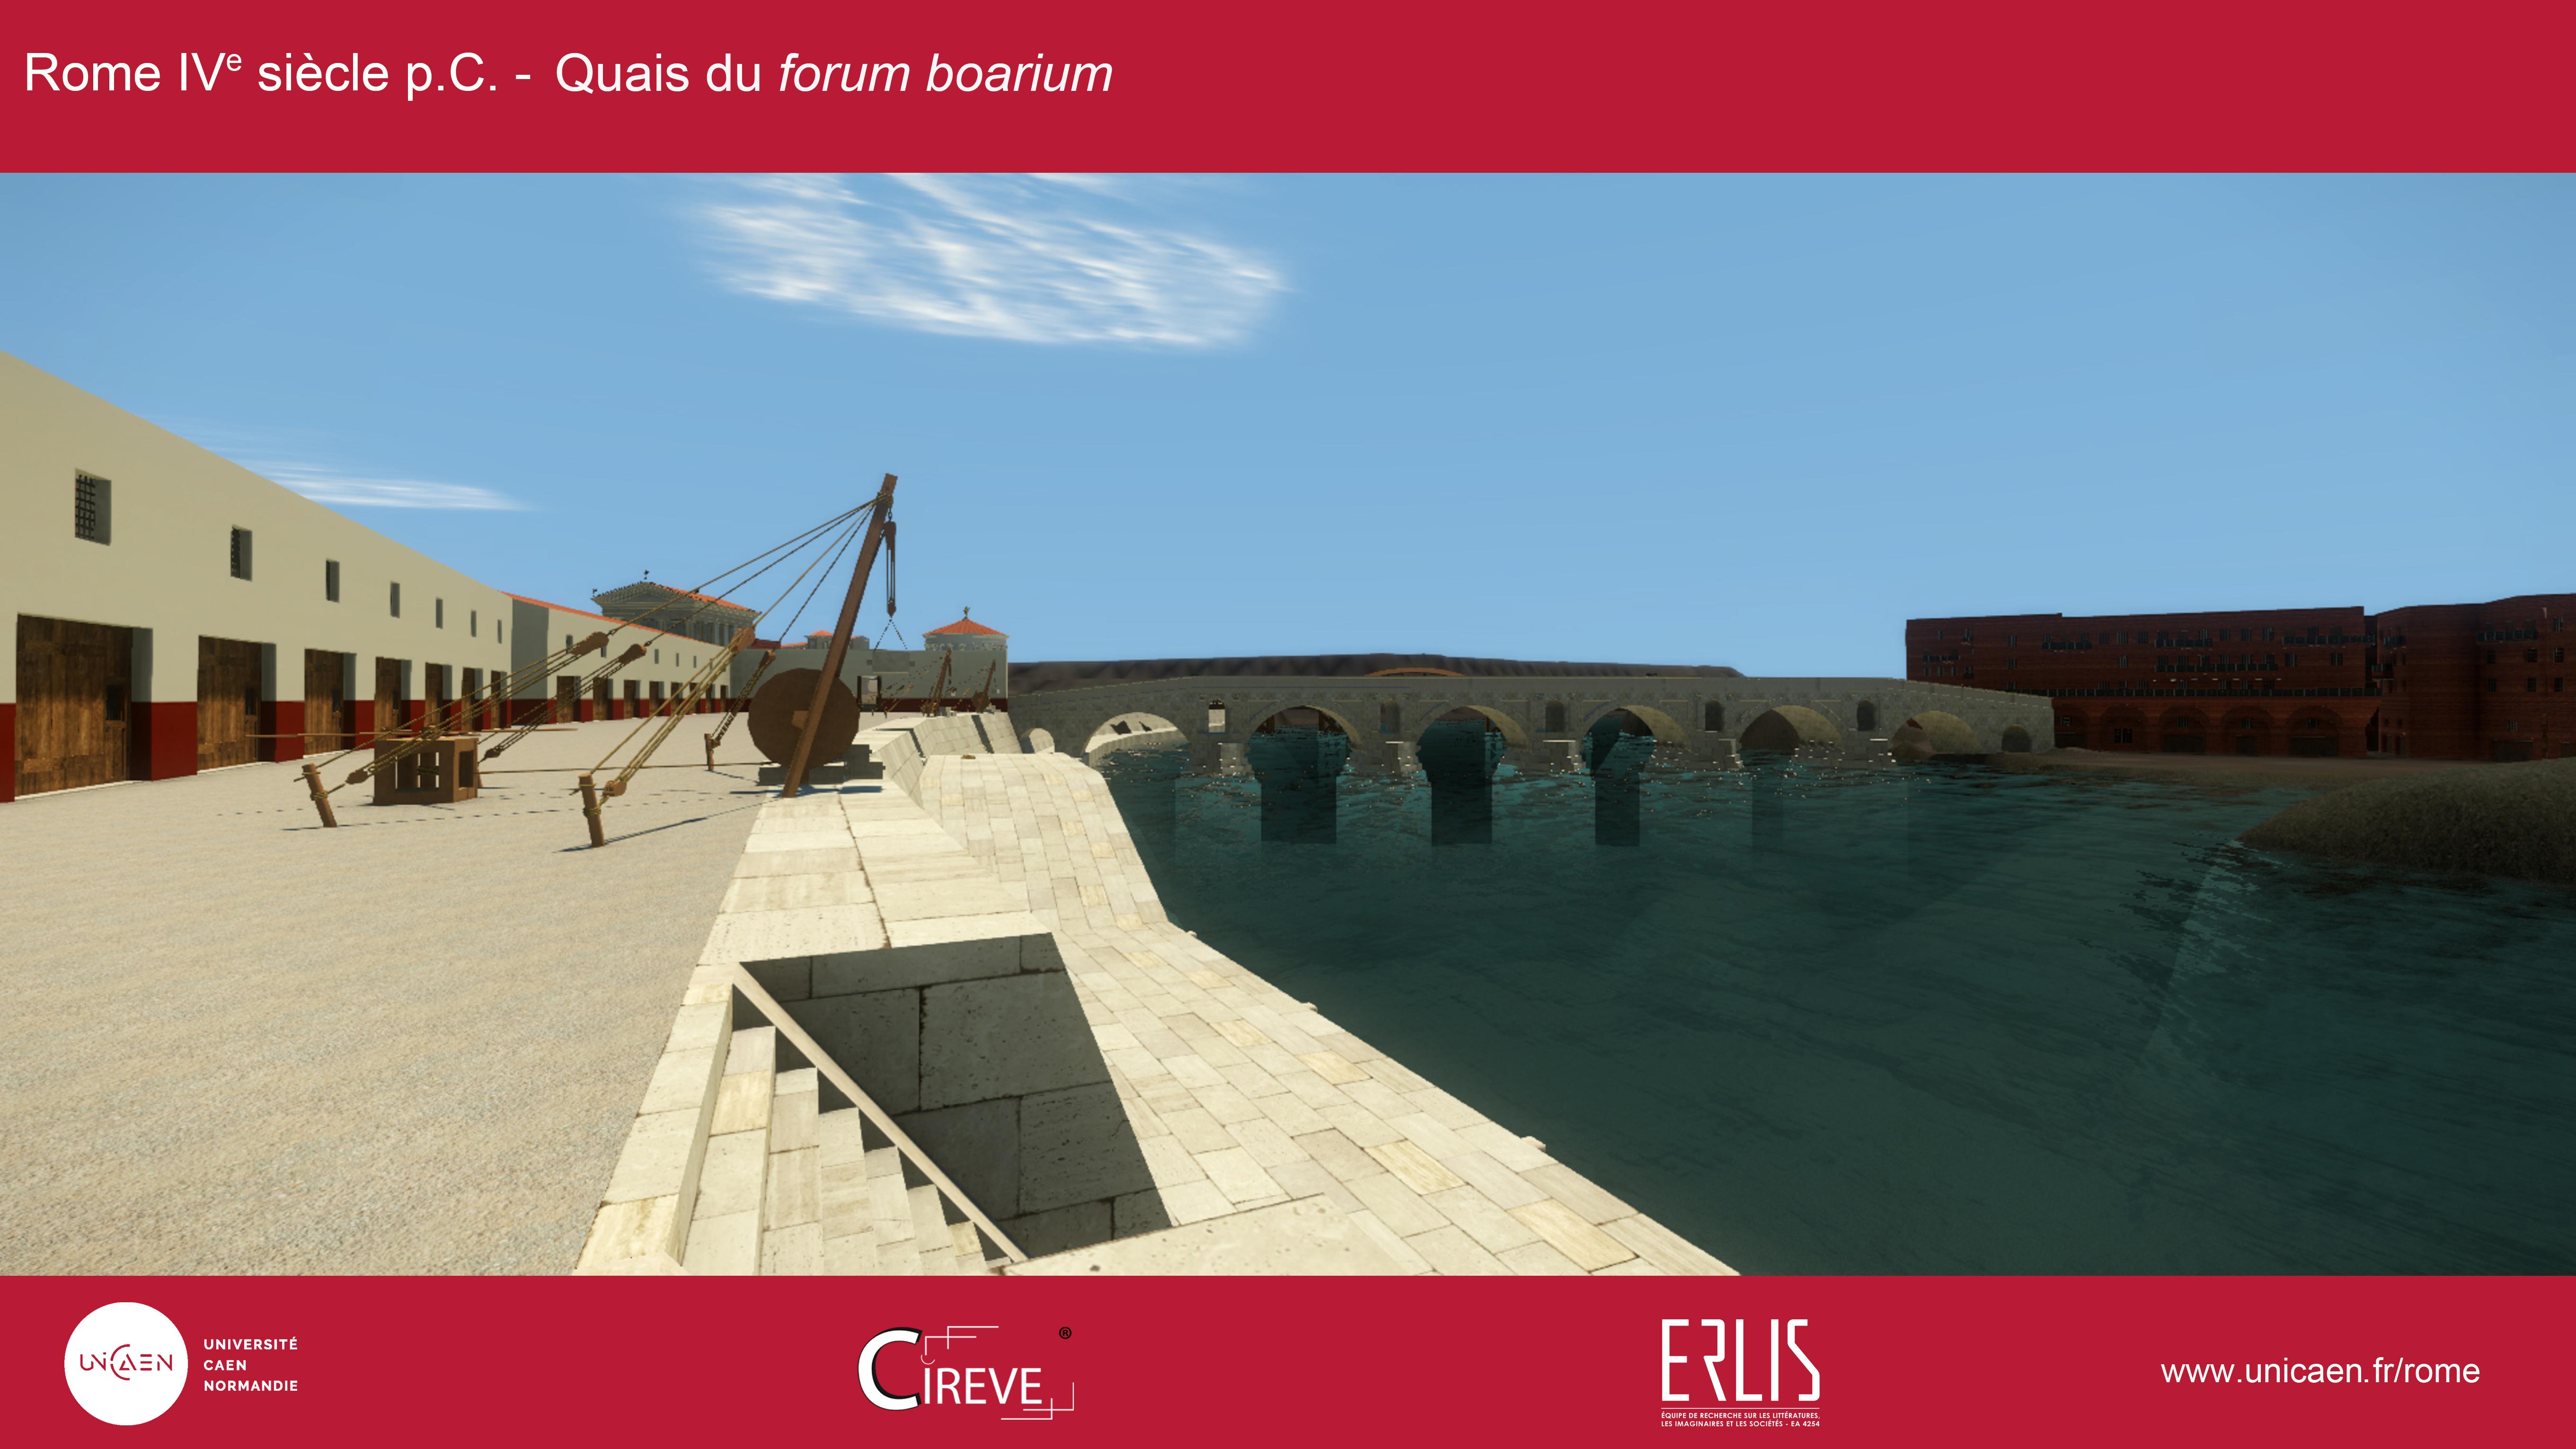 Quais du forum boarium